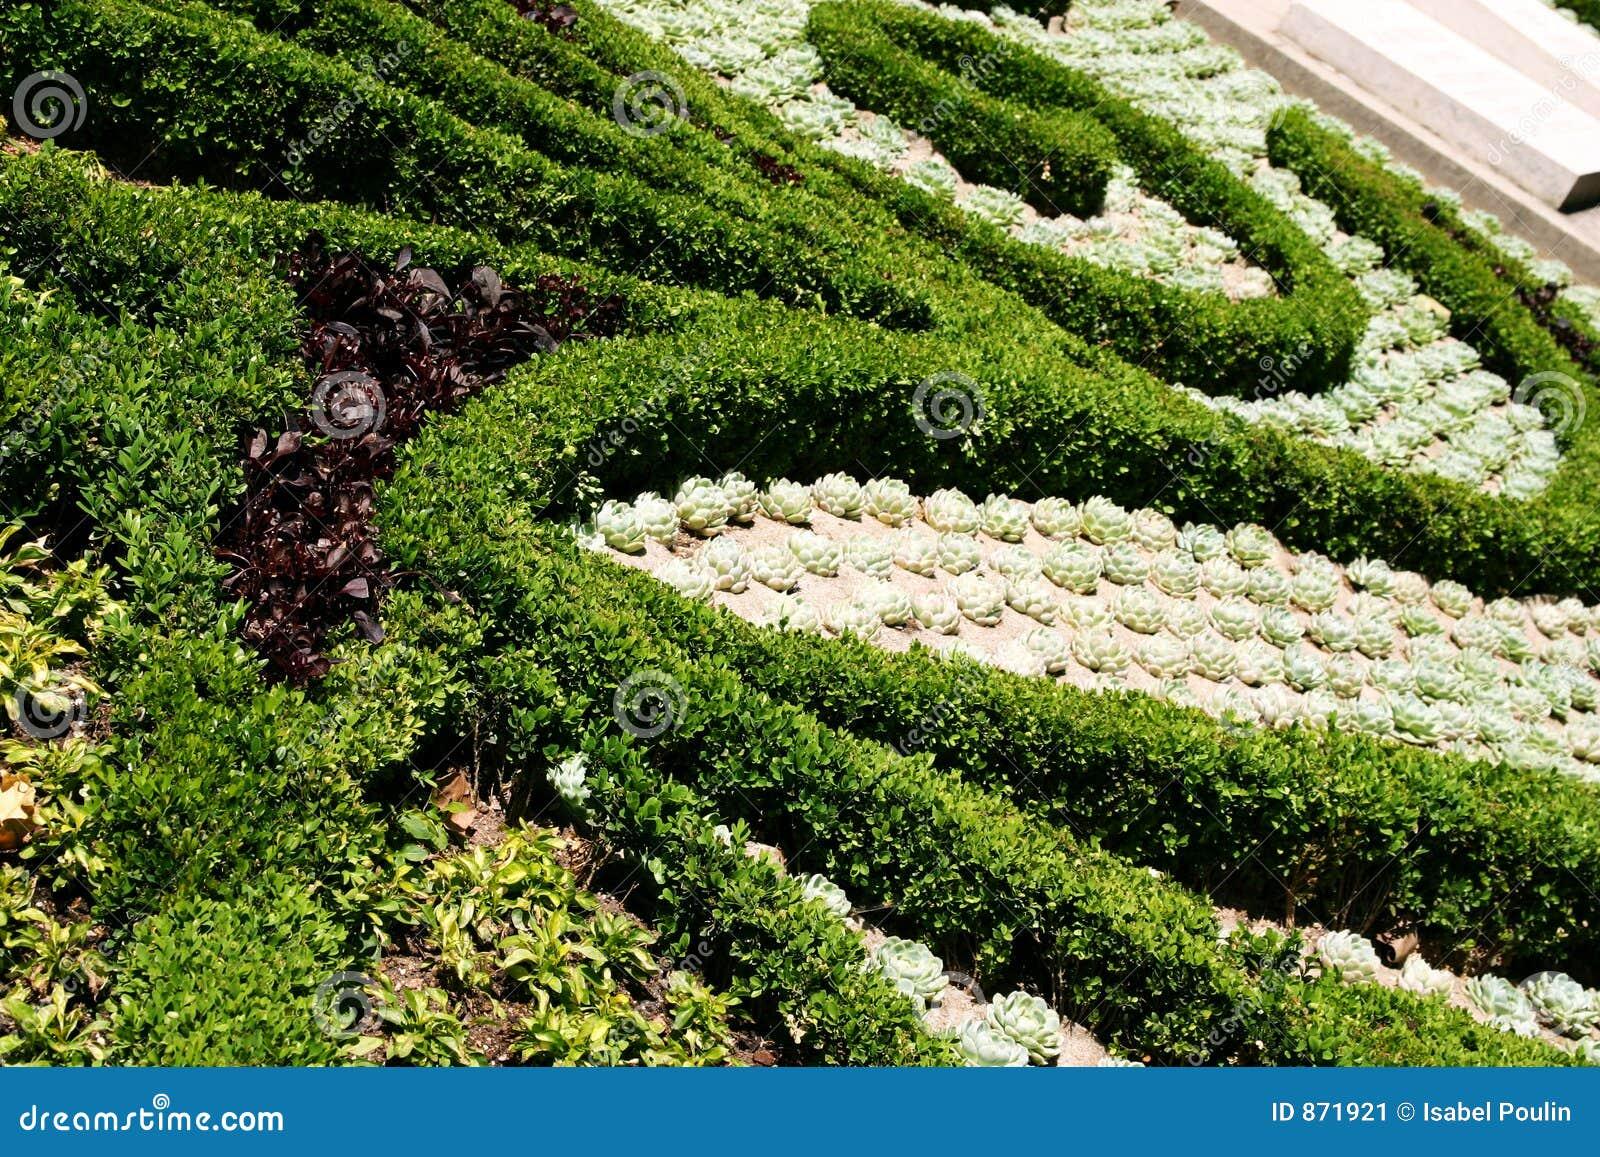 Plantas ornamentales imagen de archivo imagen 871921 for Plantas ornamentales